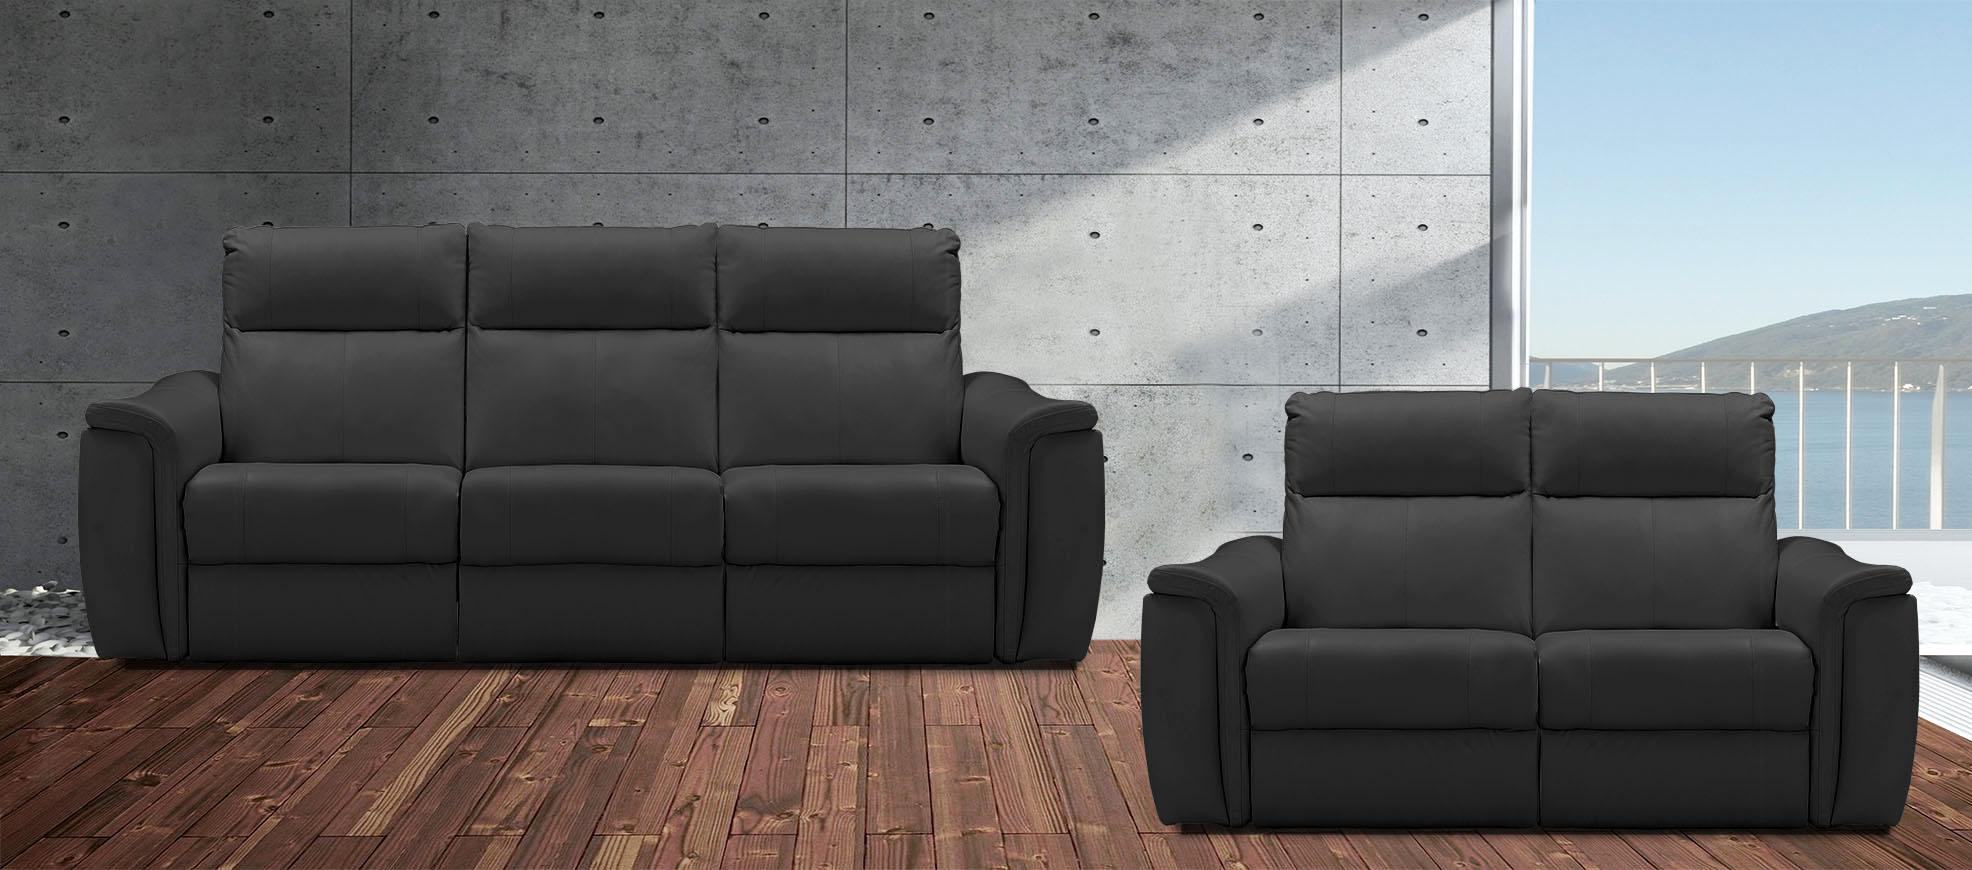 רילקסון 4056 3+2 סלון מתכוונן עור תוצרת קנדה שחור